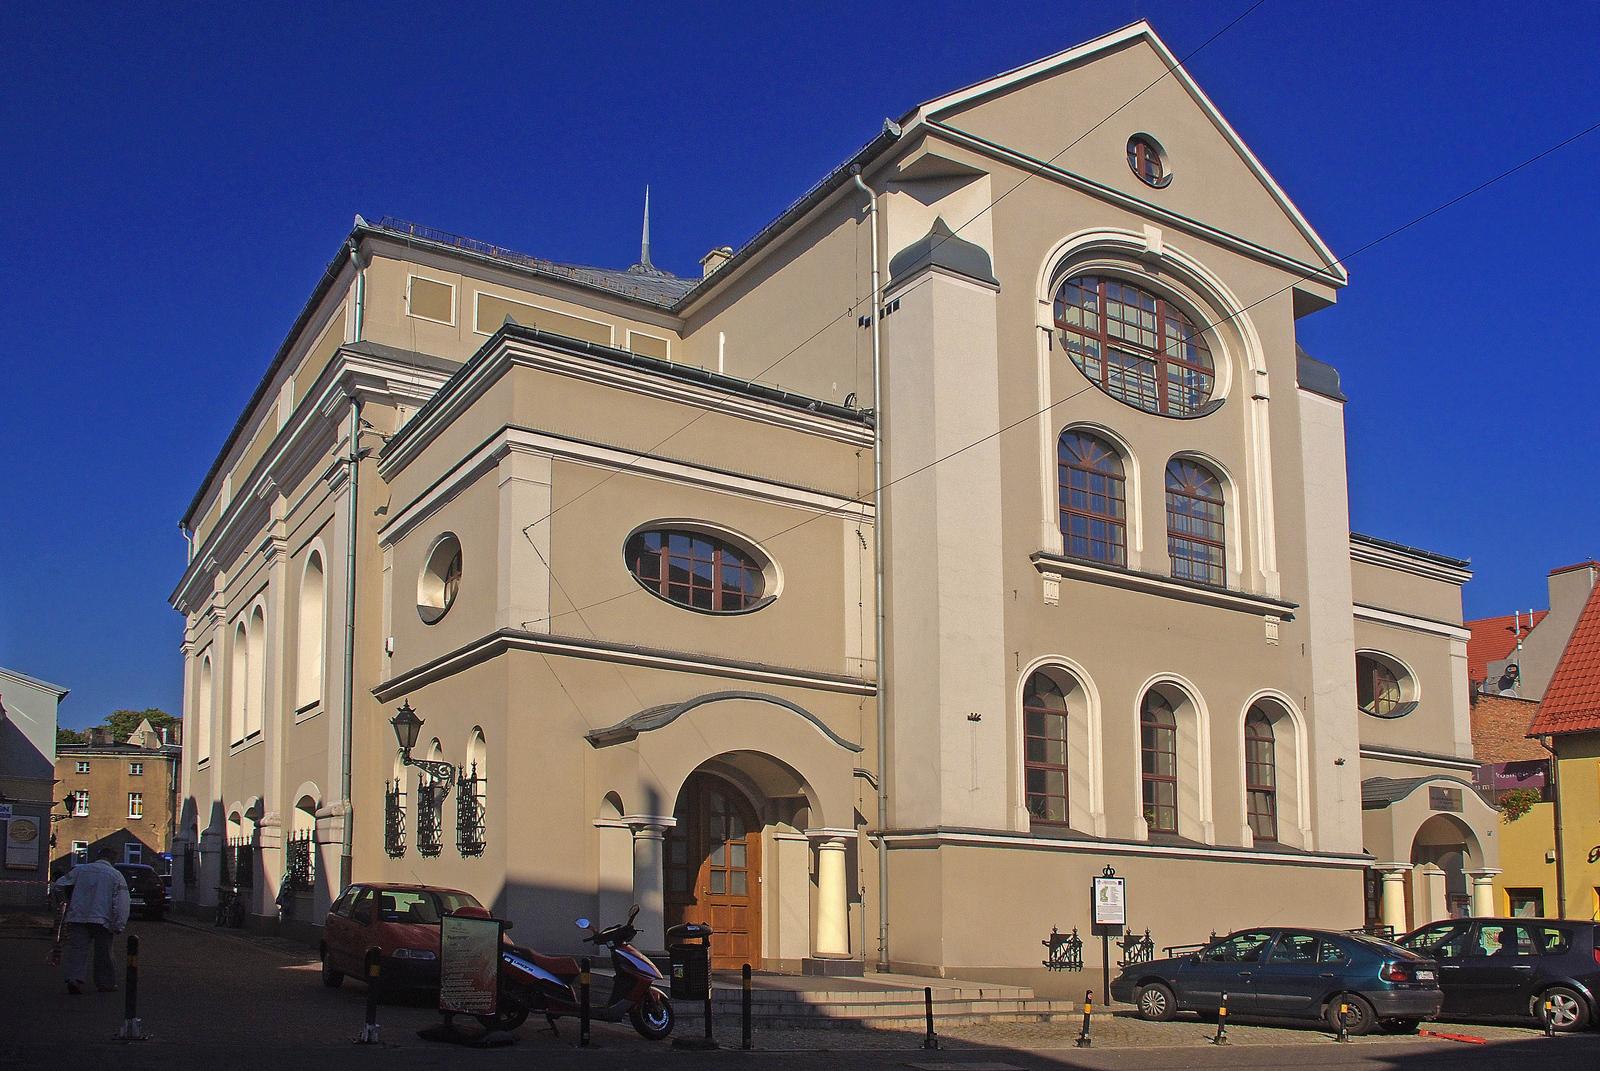 https://upload.wikimedia.org/wikipedia/commons/b/b0/Dawniej_Synagoga,obecnie_filia_Muzeum_Regionalnego._Leszno,ul.Narutowicza_31.jpg